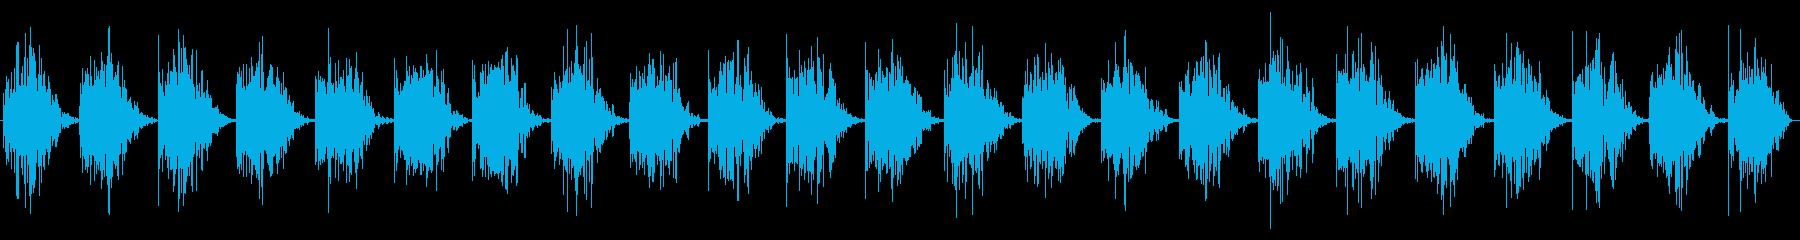 一定のスローメタリックハートビートヒットの再生済みの波形